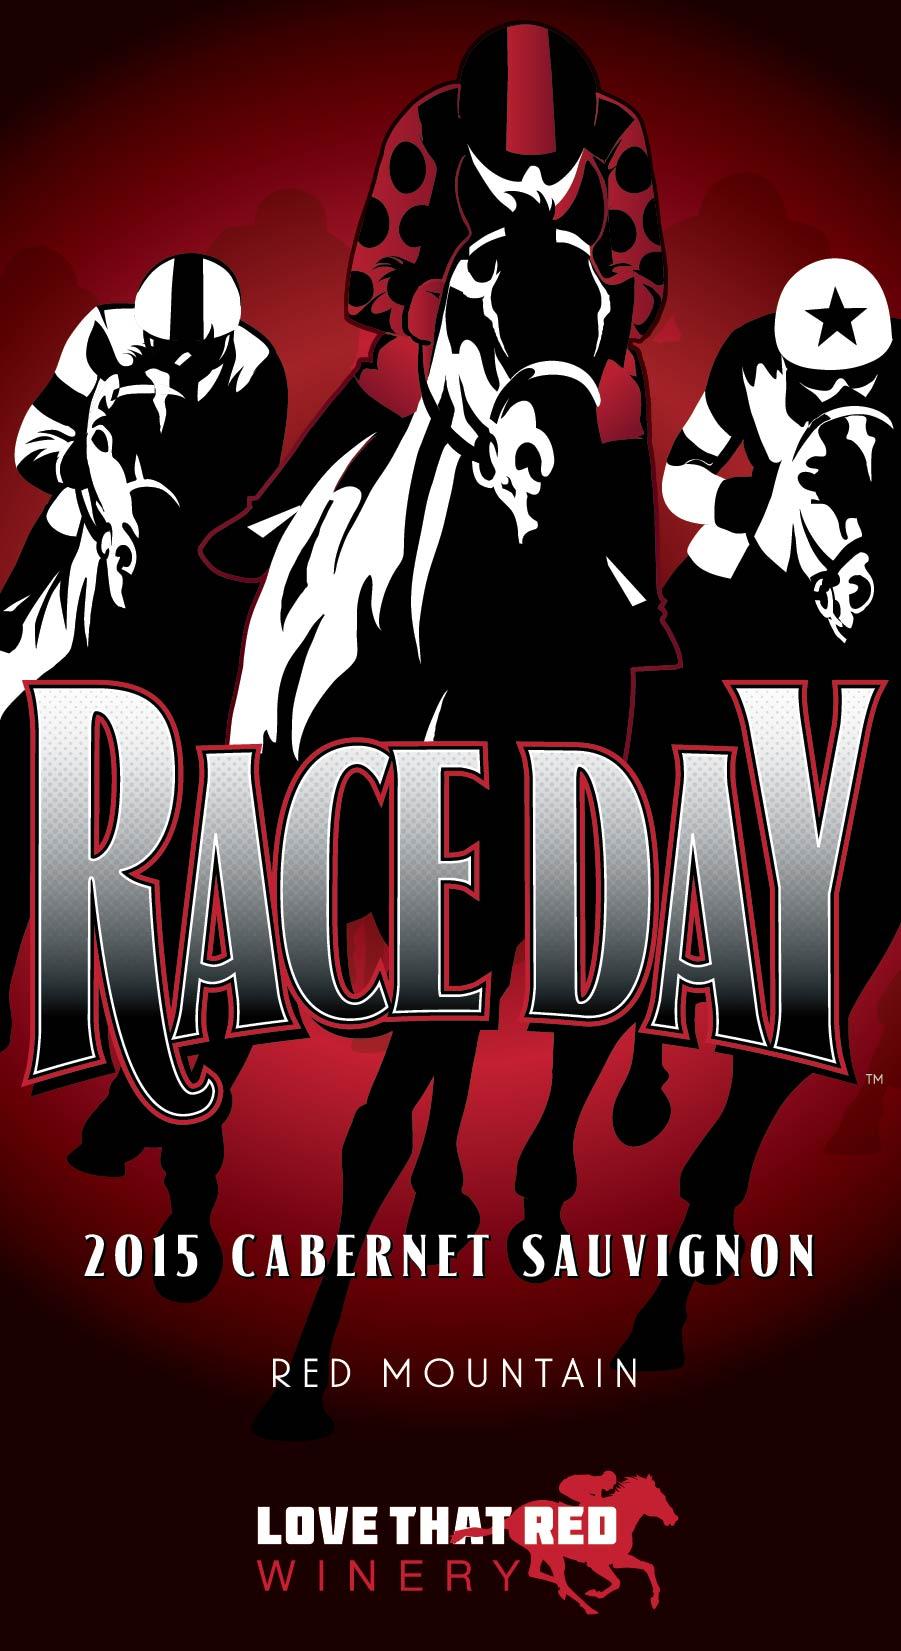 Race Day Red Mountain Cabernet Sauvignon